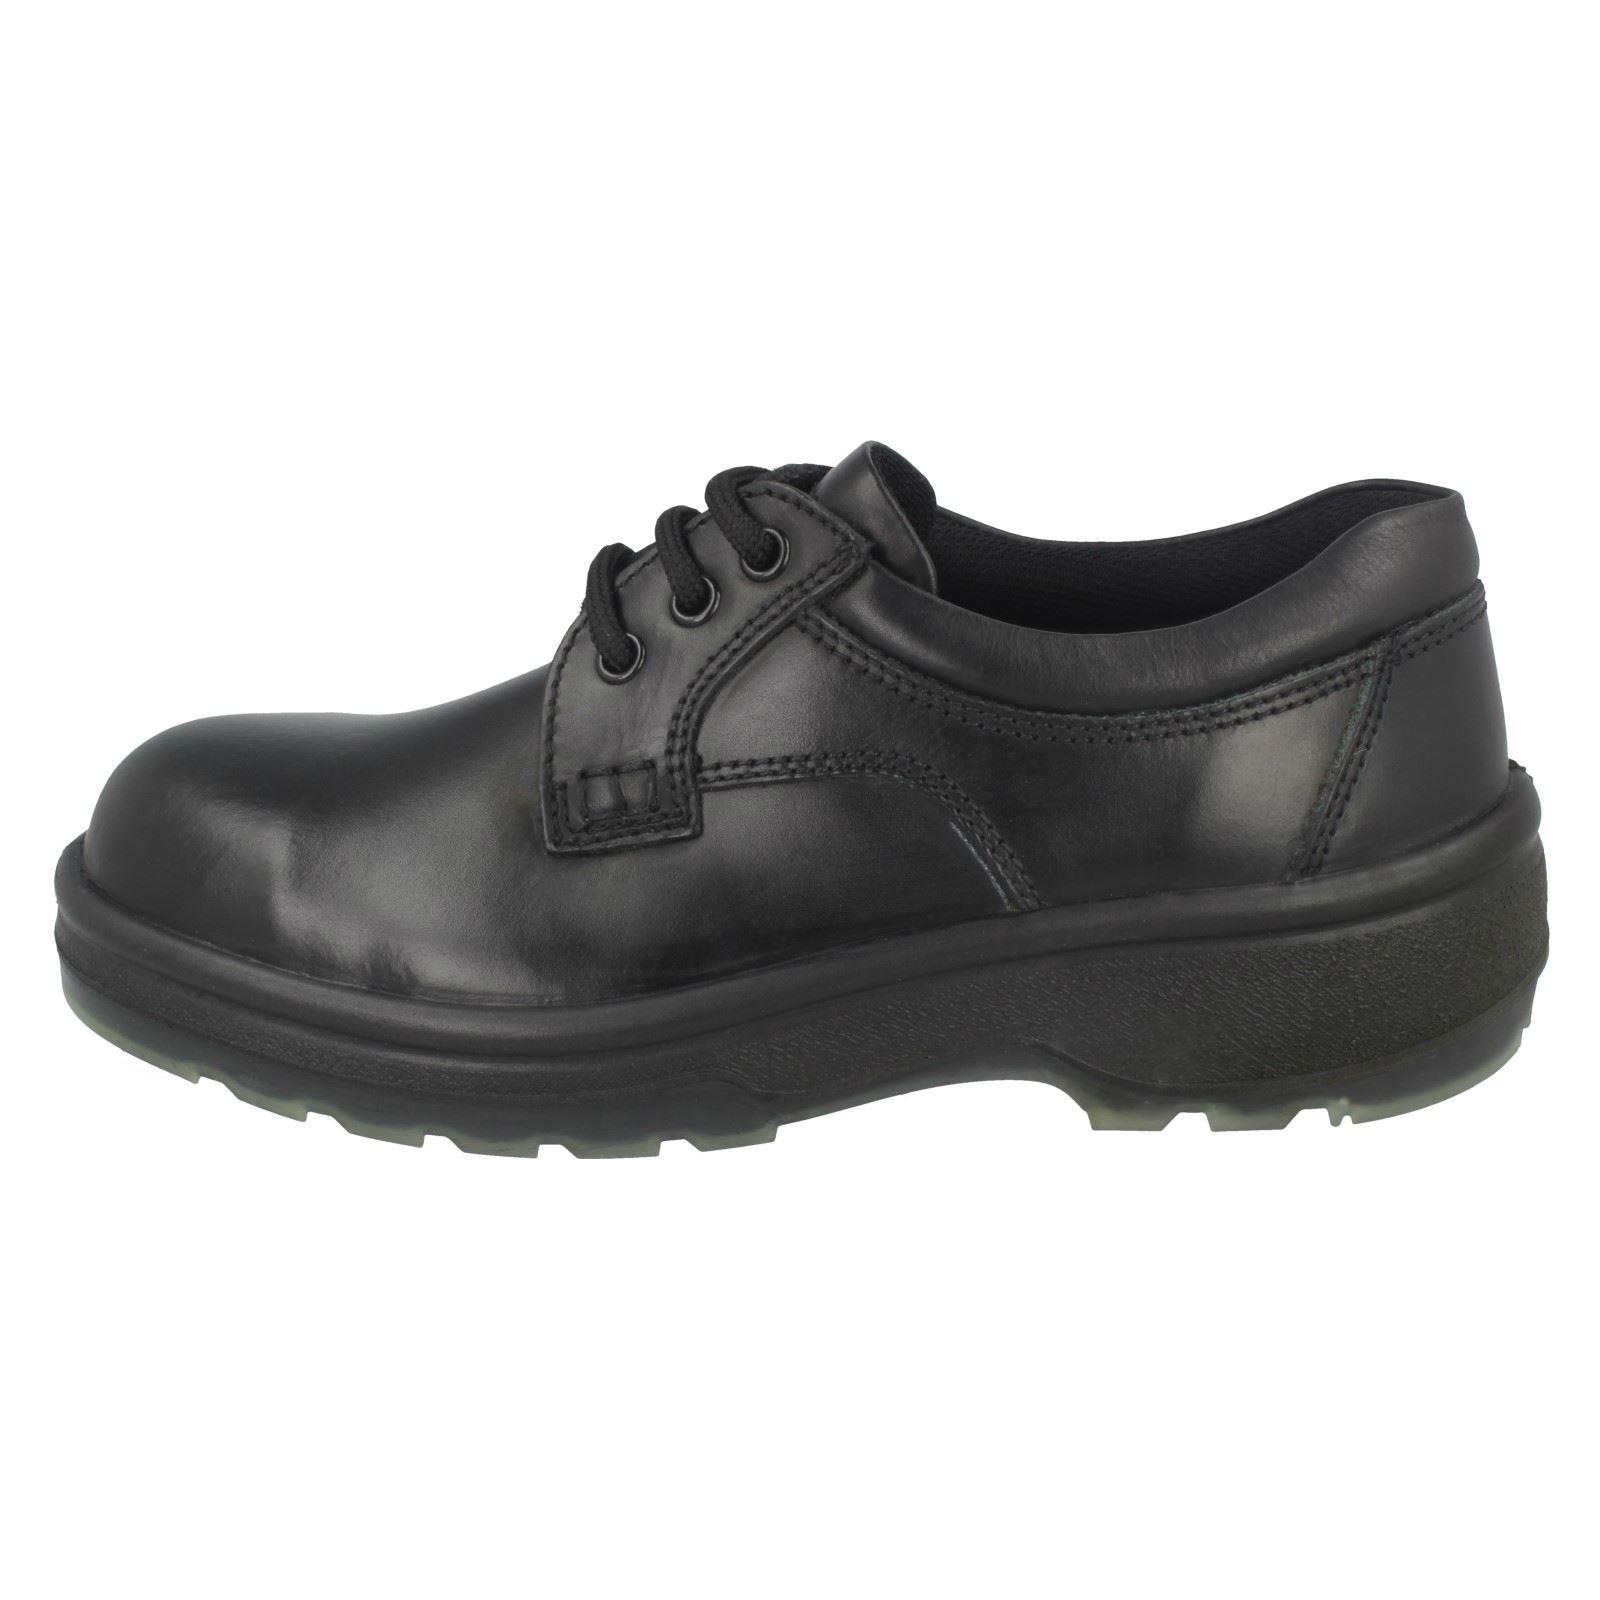 de 1010 pour x noires Chaussures Z sécurité hommes dOwxCnP7aq